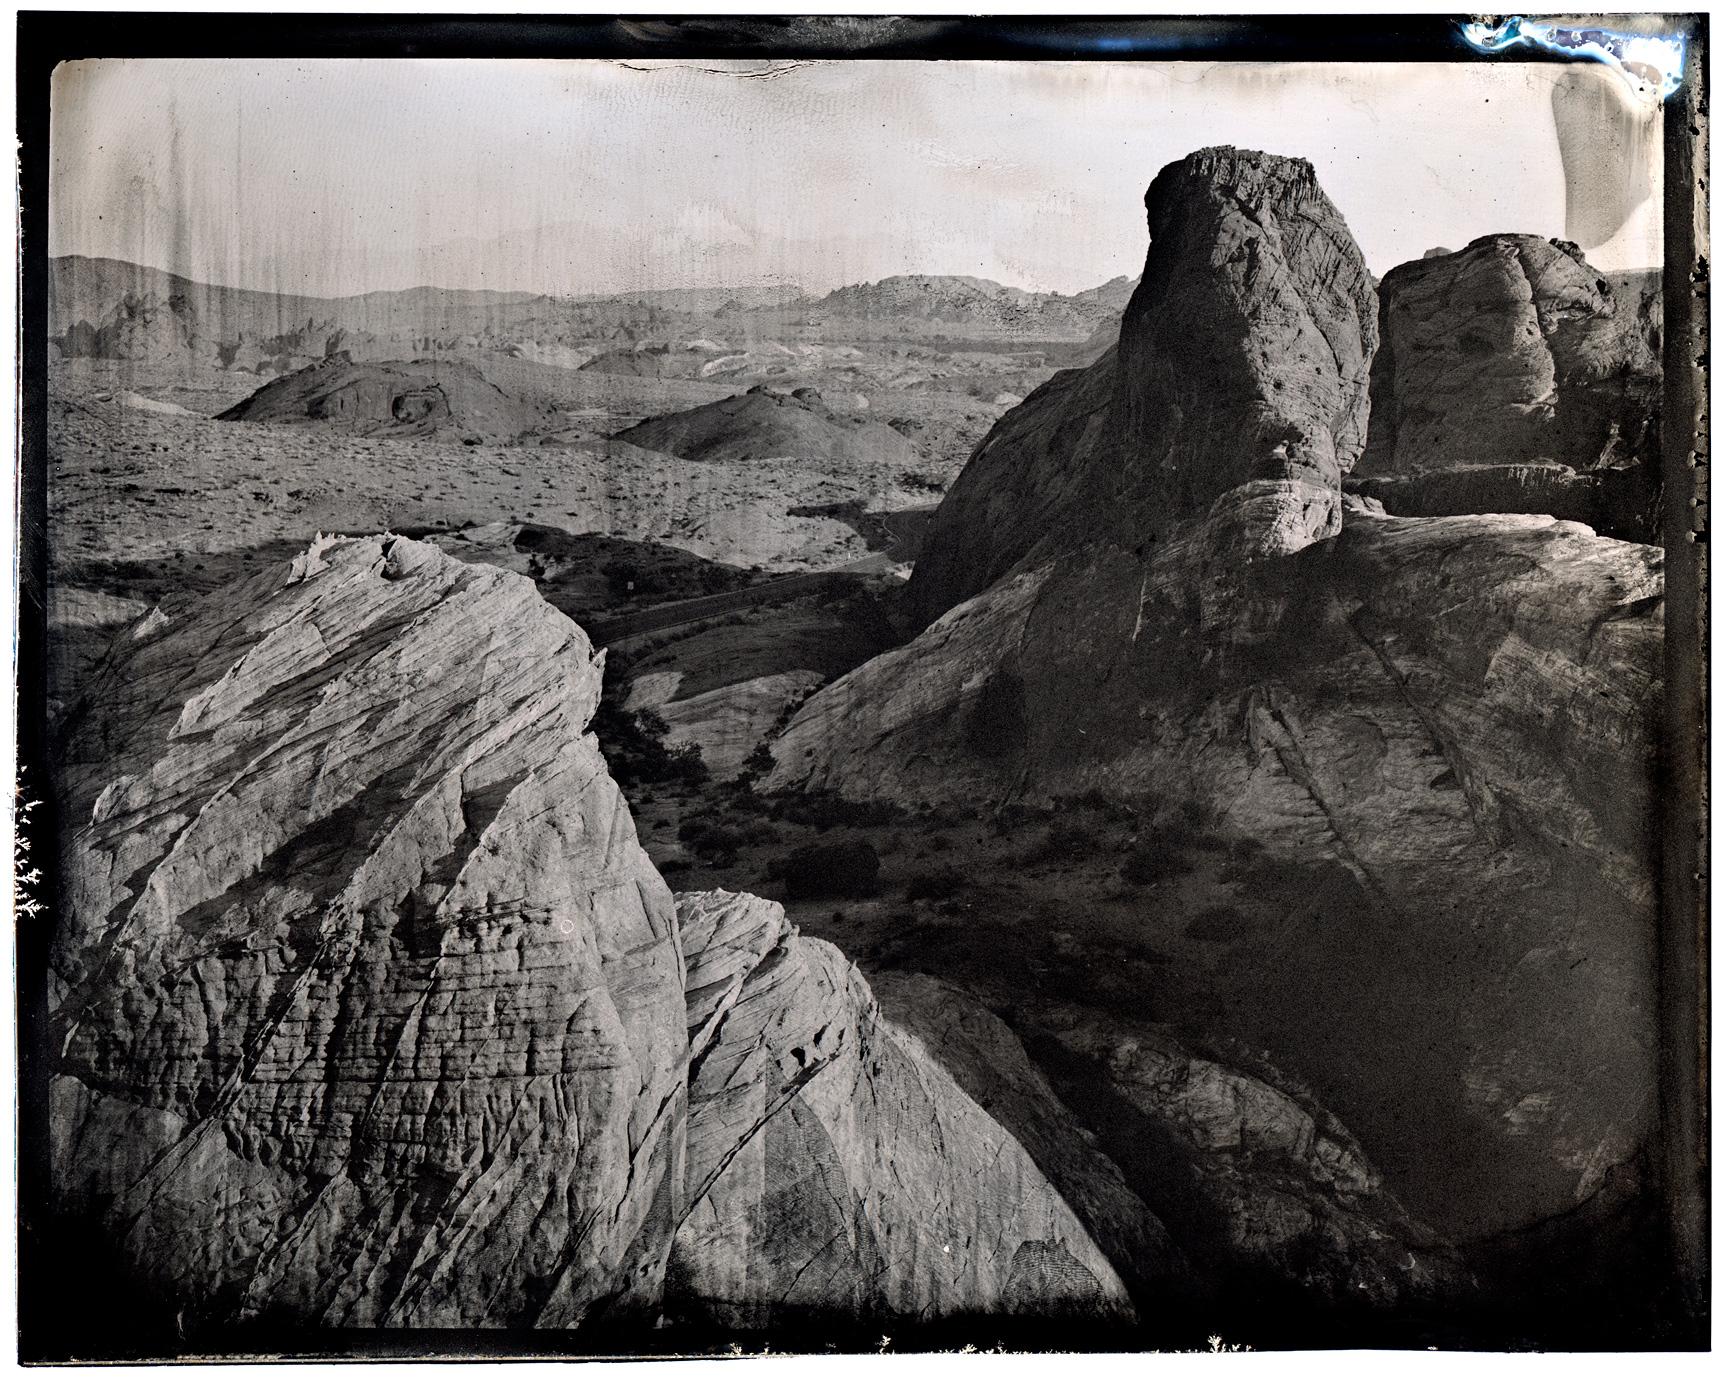 james-weber-wetplate-landscape-00555.jpg